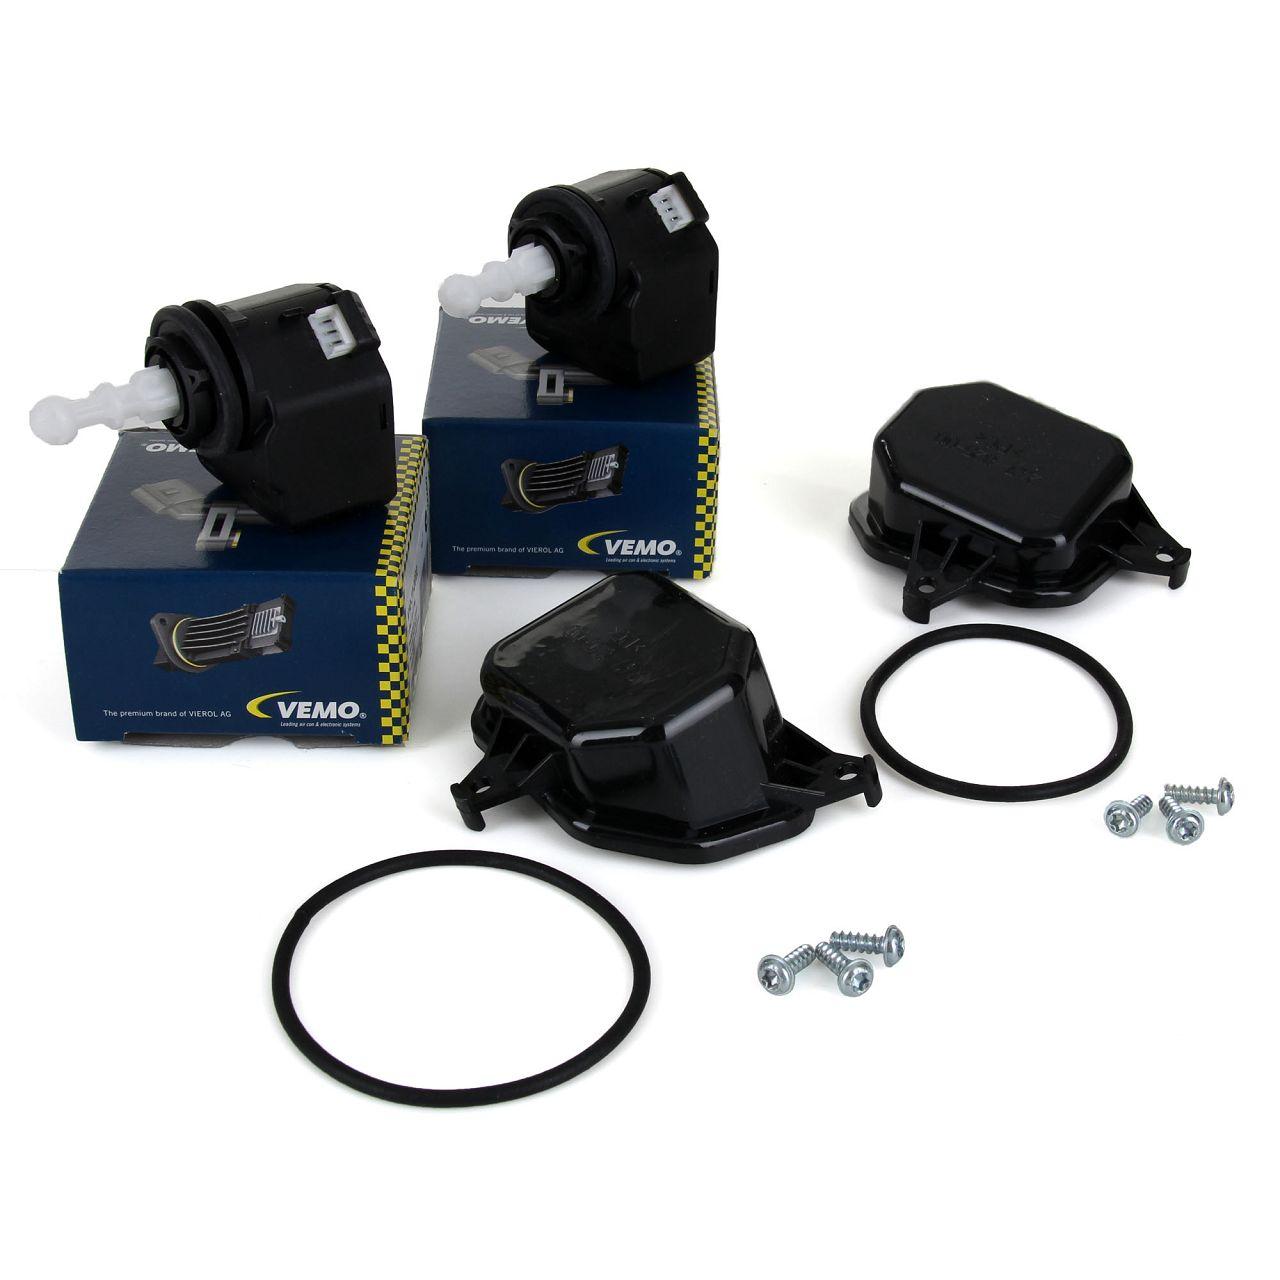 2x VEMO Stellmotor Scheinwerfer LWR HALOGEN + 2x Deckel für VW POLO (9N_) vorne